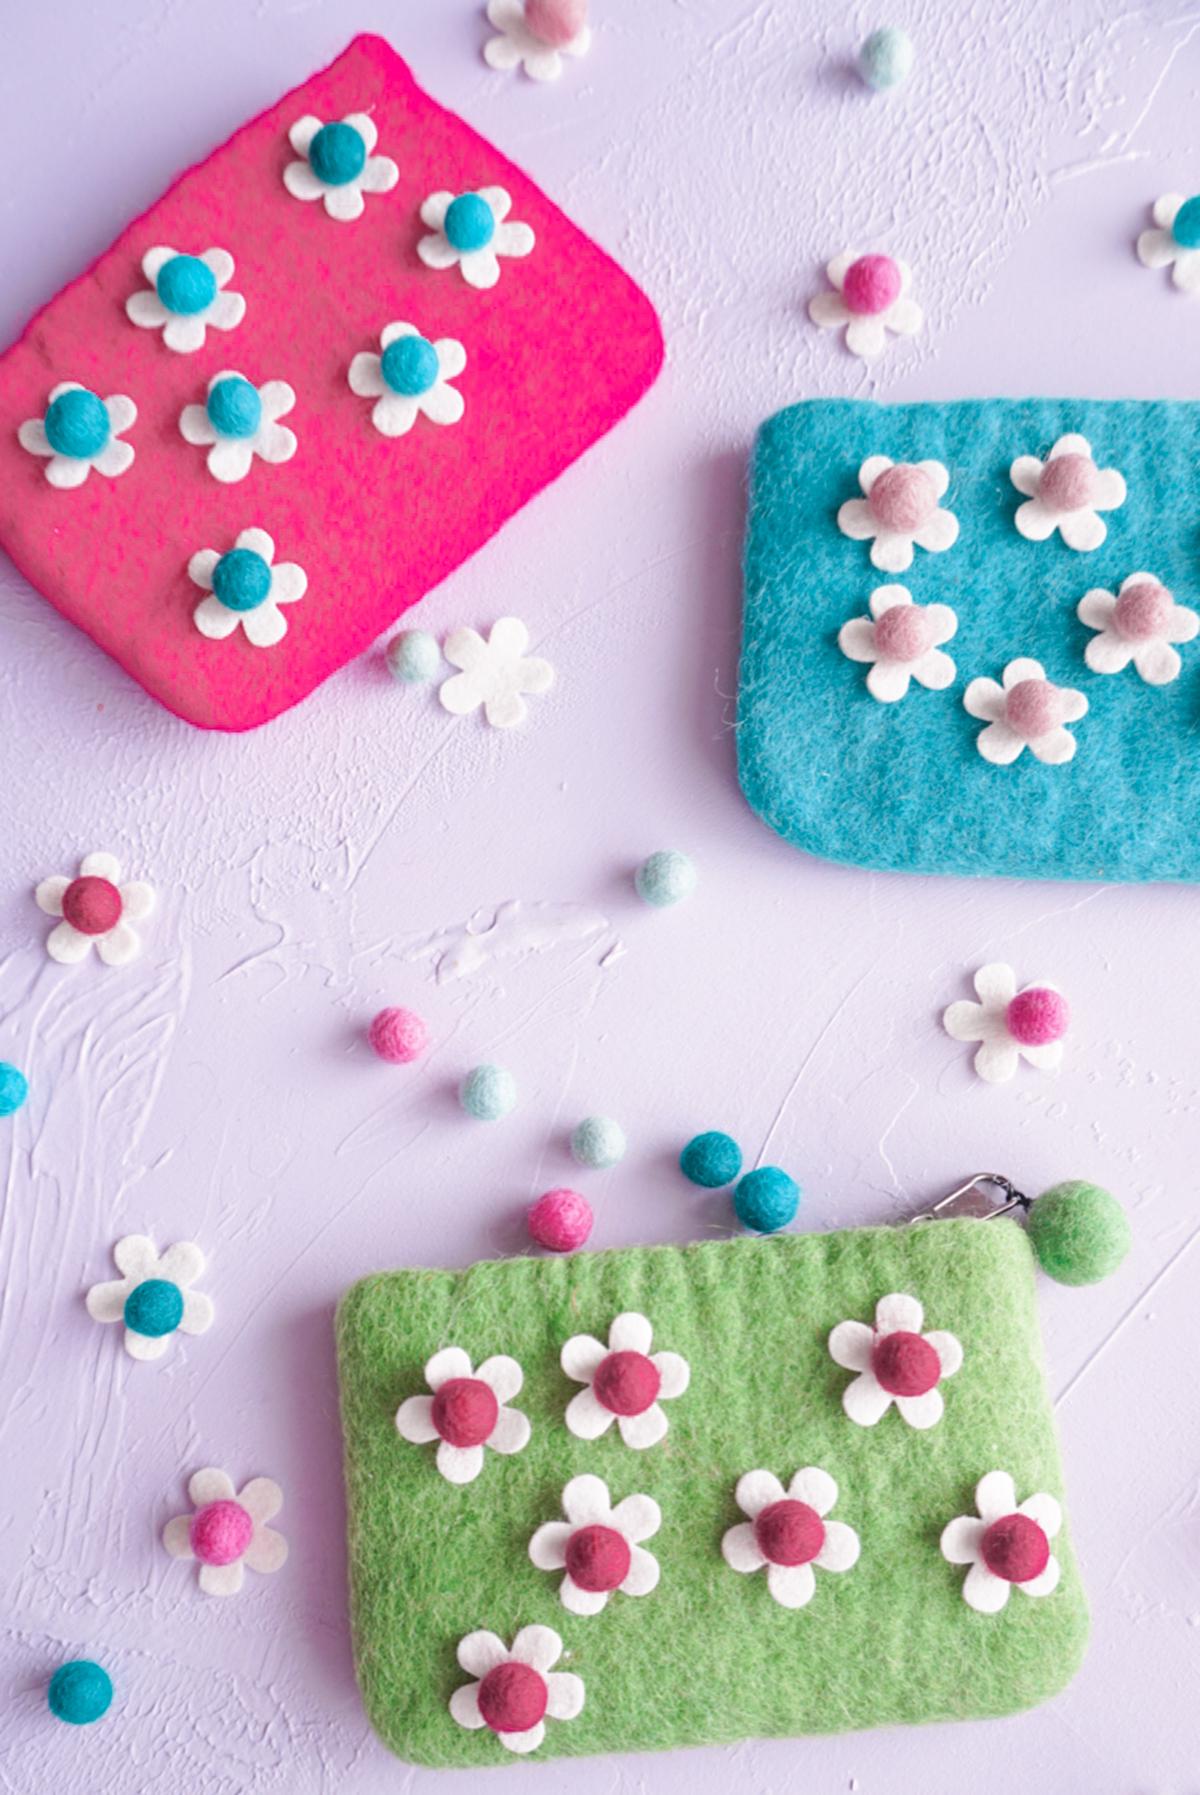 felt coin purse with felt daisies